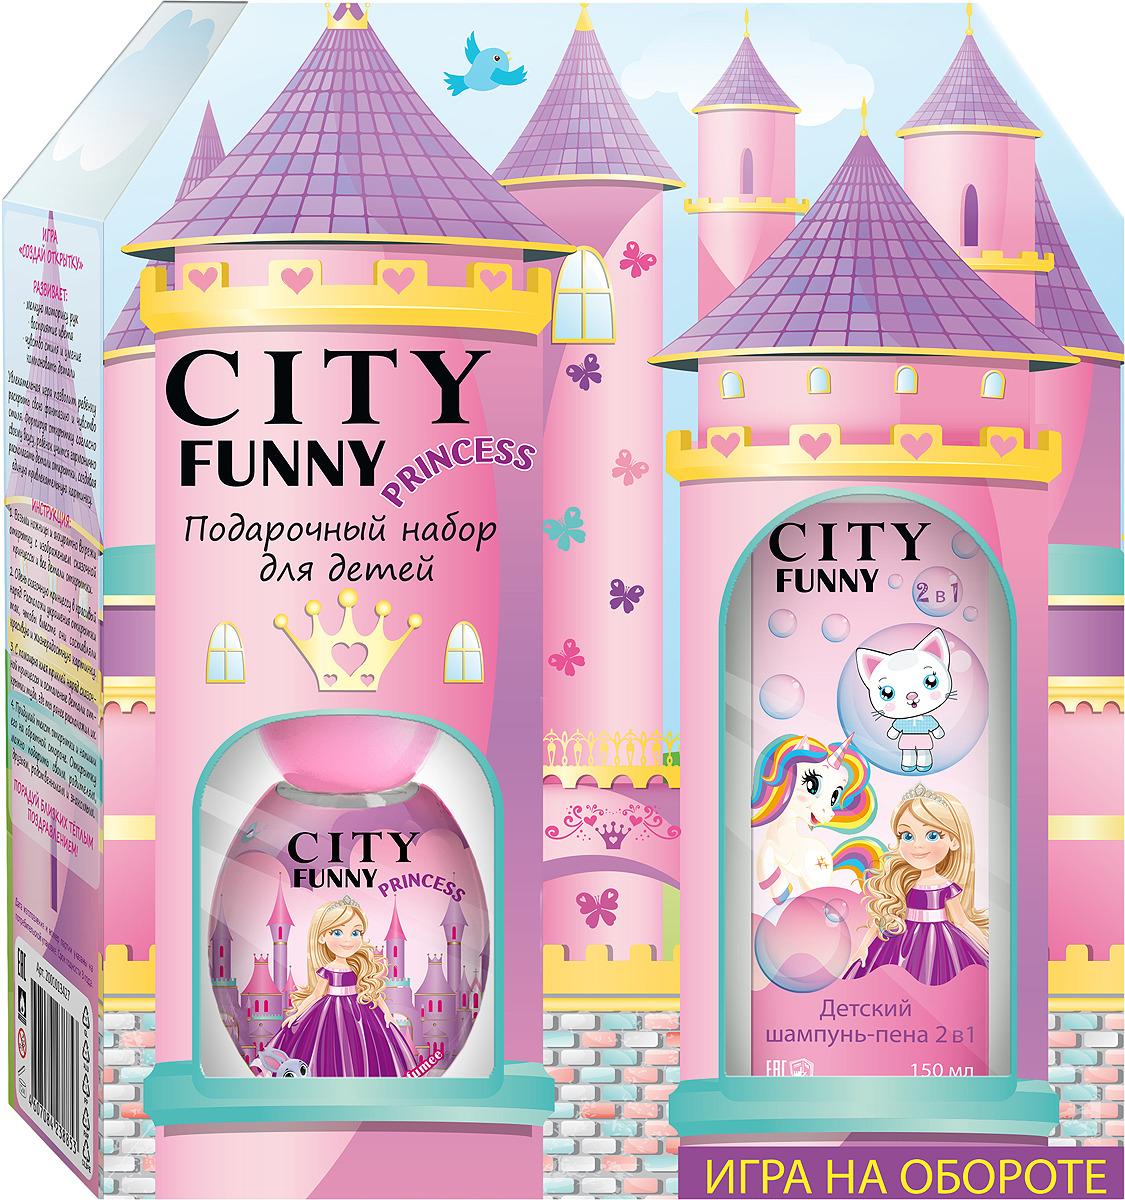 Парфюмерный набор City Funny Princess: душистая вода, 30 мл, шампунь-пена 2 в 1, 150 мл цена